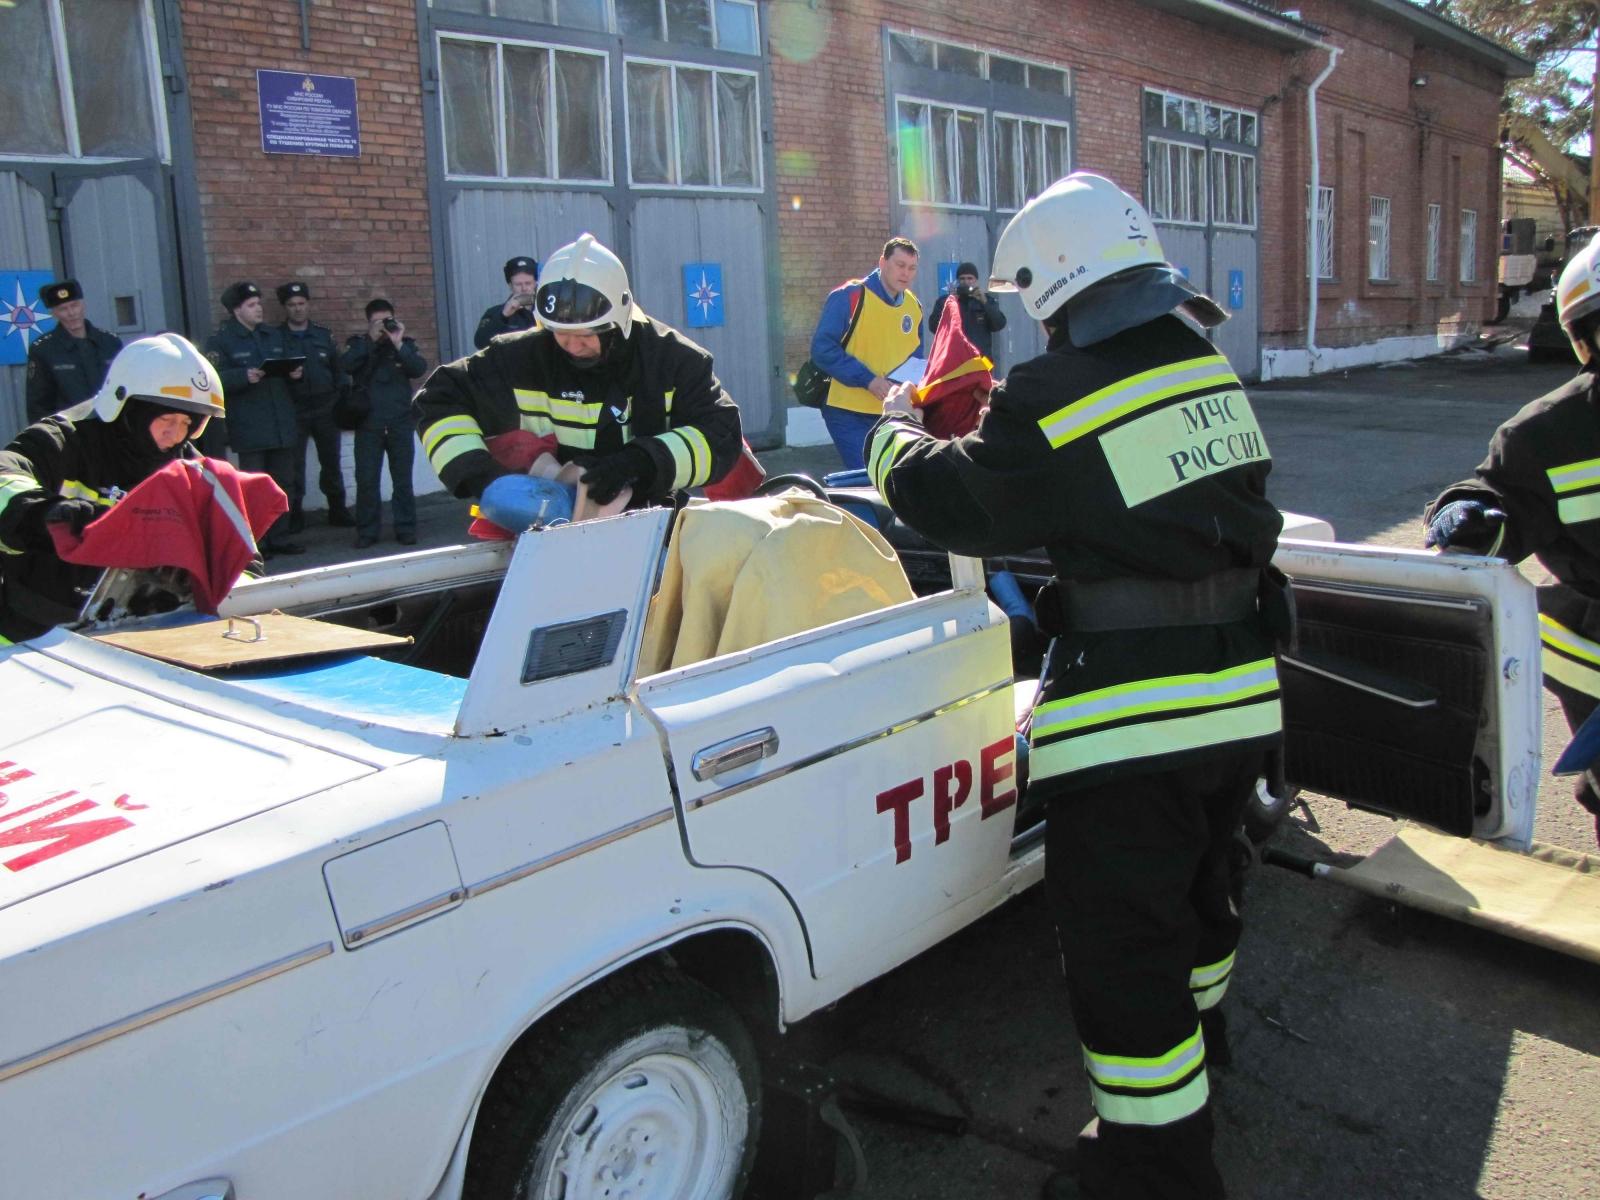 Соревнования по проведению аварийно-спасательных работ при ликвидации последствий чрезвычайных ситуаций на автомобильном транспорте среди подразделений федеральной противопожарной службы МЧС России по Томской области, 6 апреля 2015 года